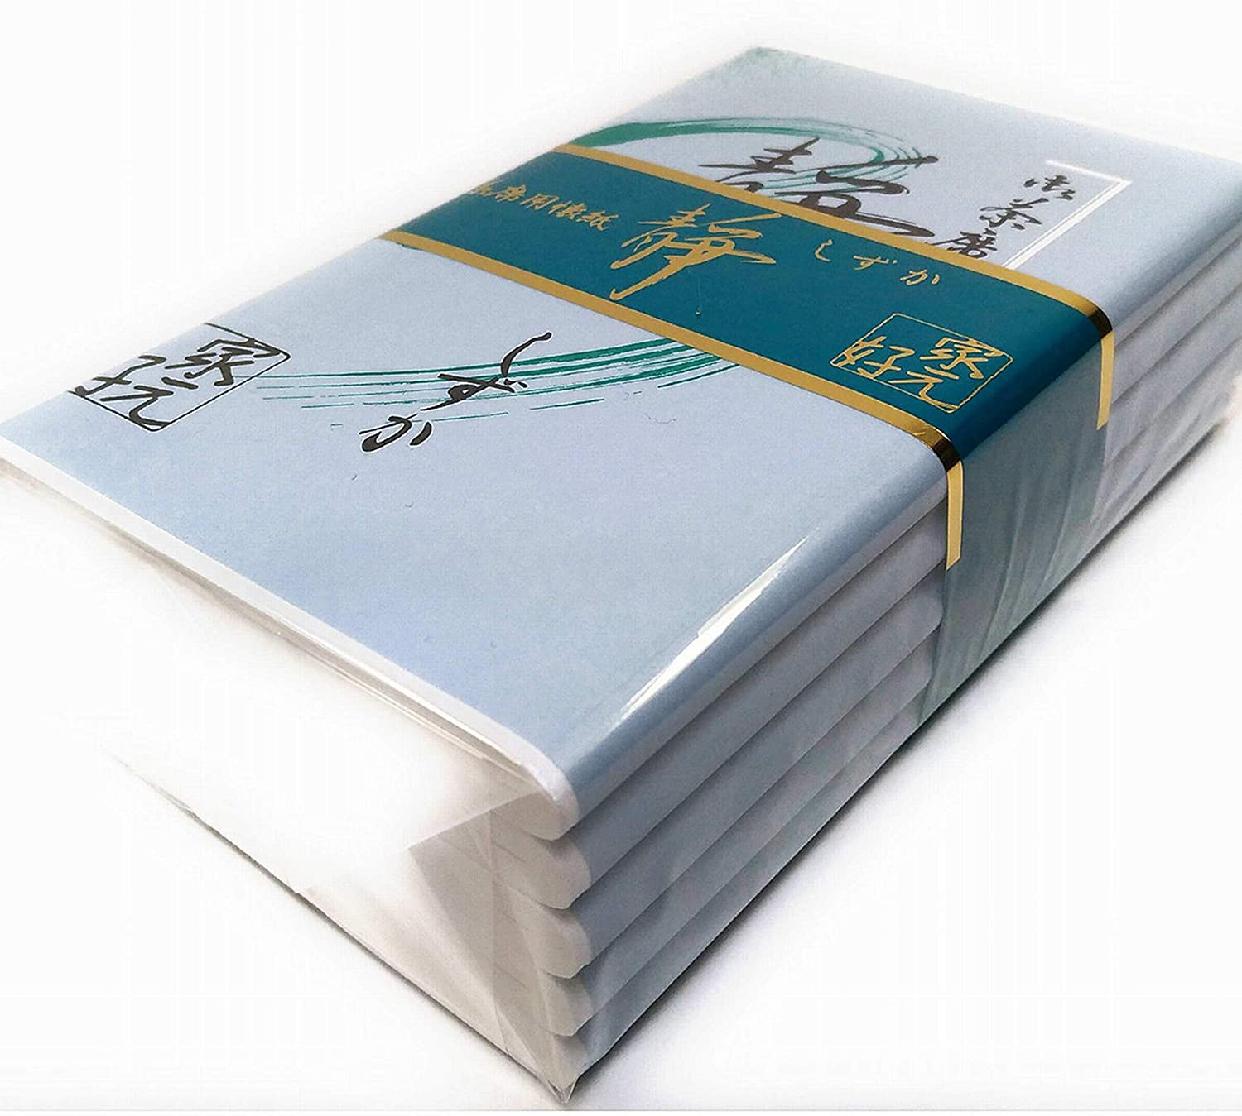 徳増茶道具(トクマサドウグ) 静懐紙 無地 女性用 150枚の商品画像